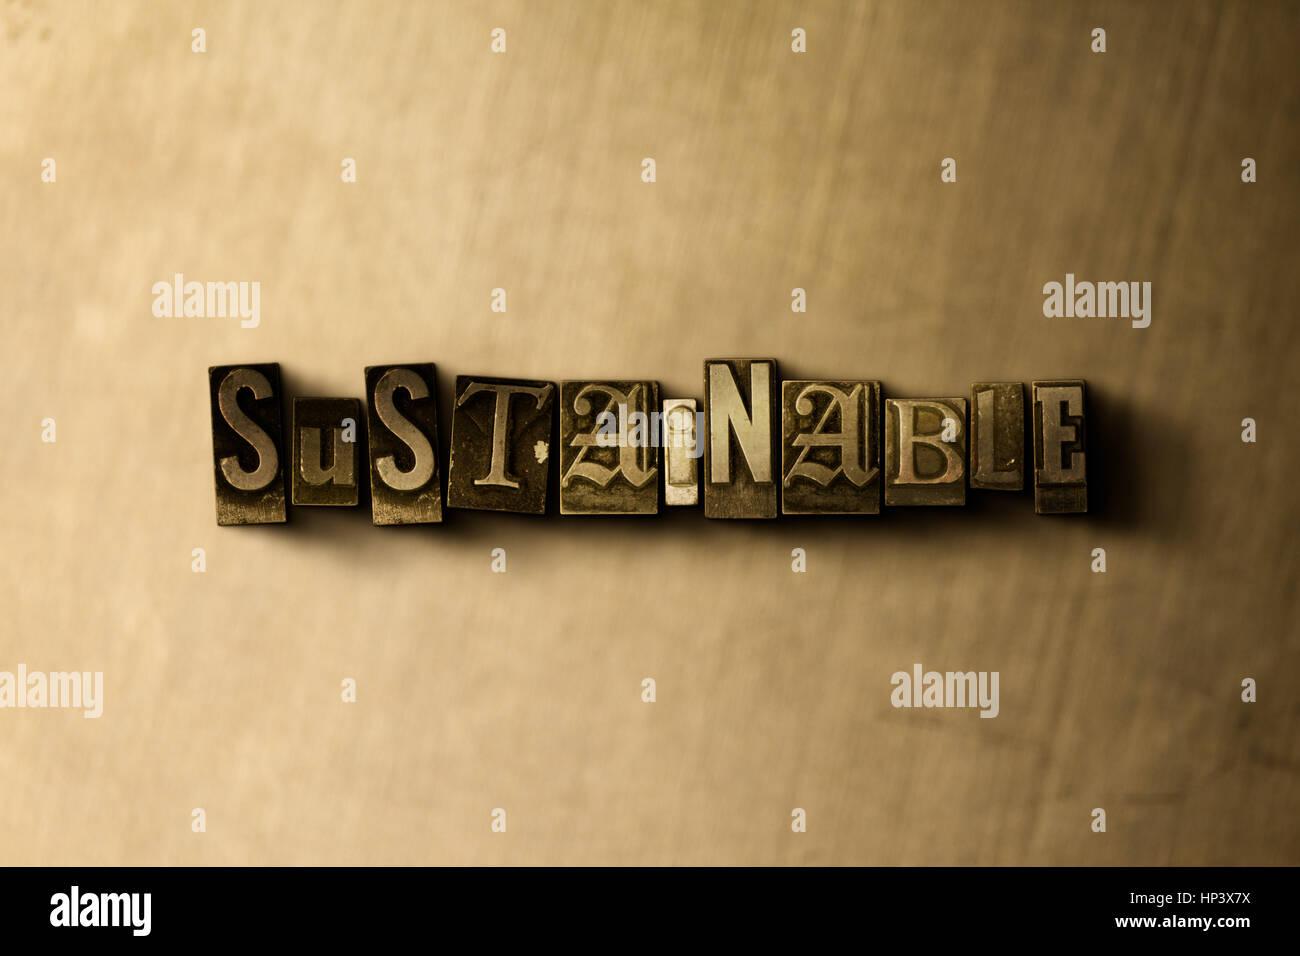 NACHHALTIG - Nahaufnahme von Grunge Vintage Schriftsatz Wort auf Metall Hintergrund. GEMA freie stock Illustration. Stockbild